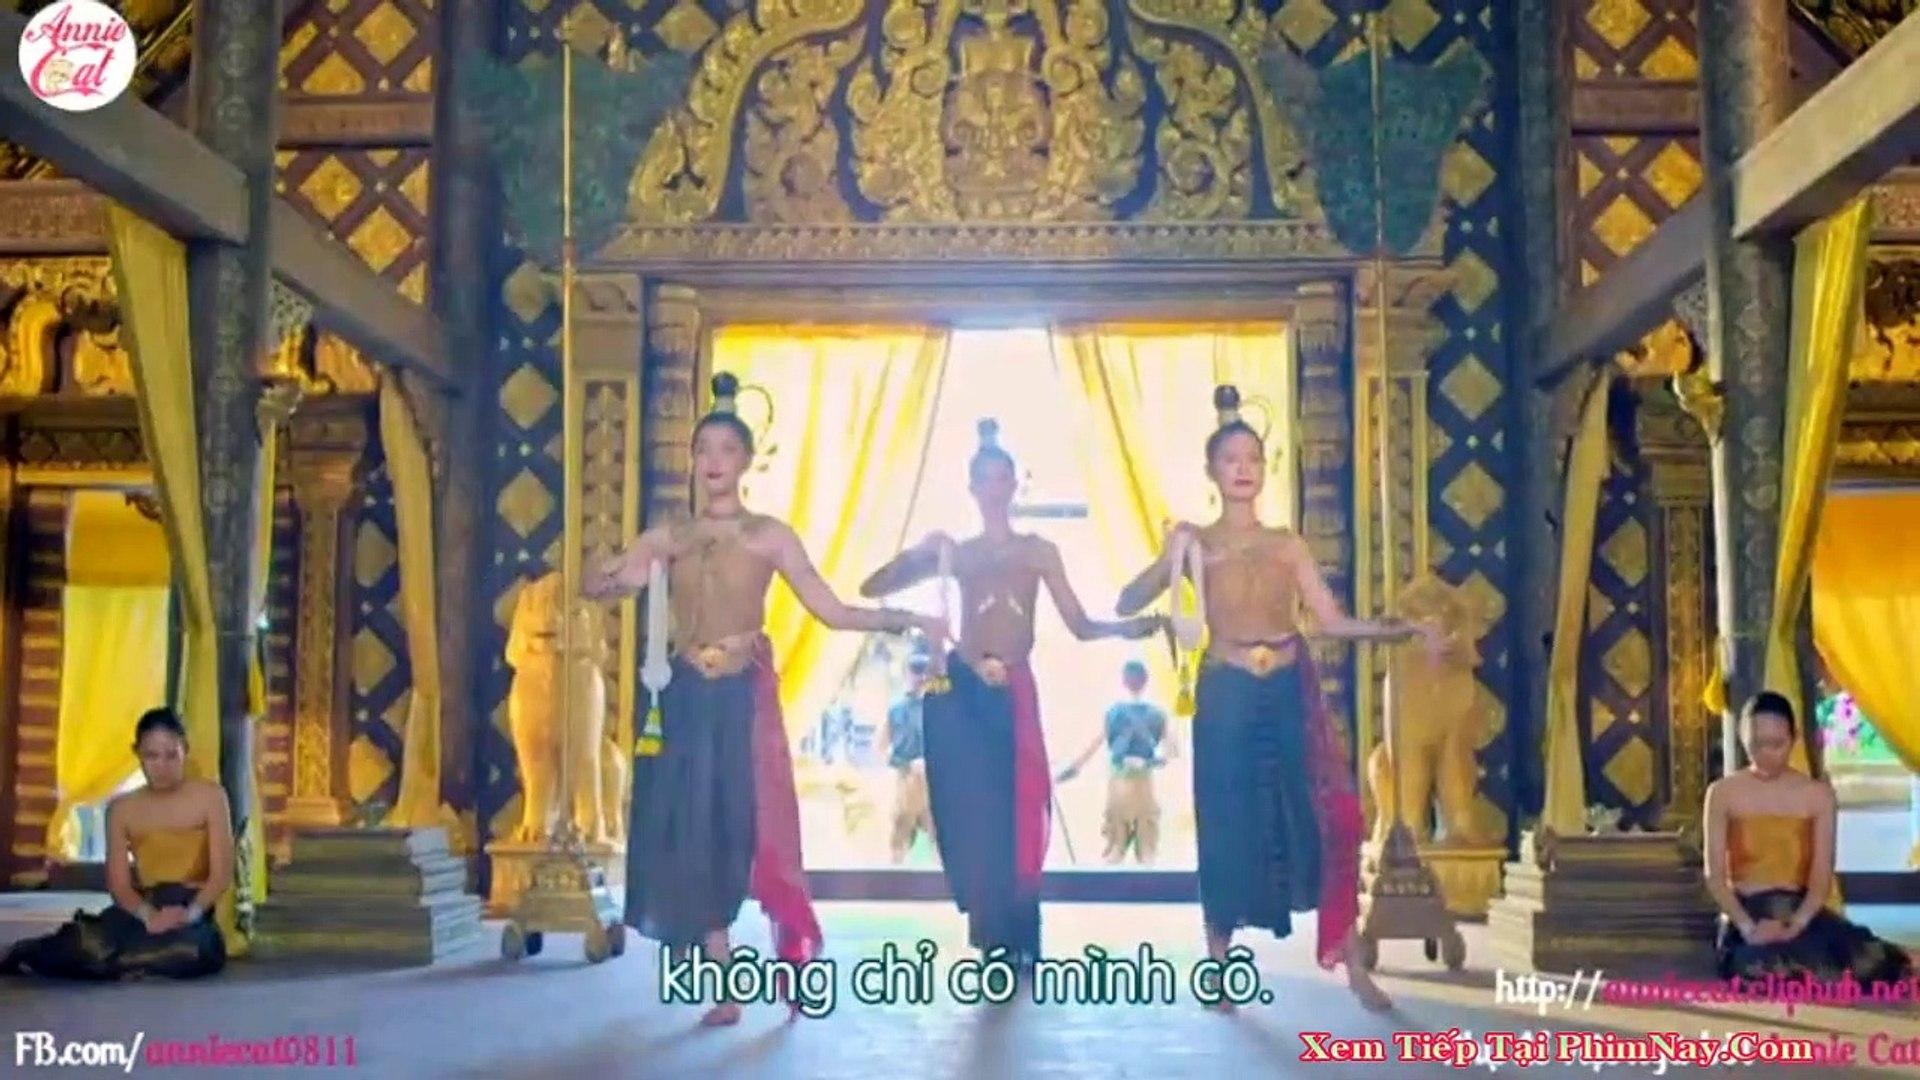 Phim Nữ Thần Rắn Asorapit - Thái lan - 2020 - vietsub Trọn bộ